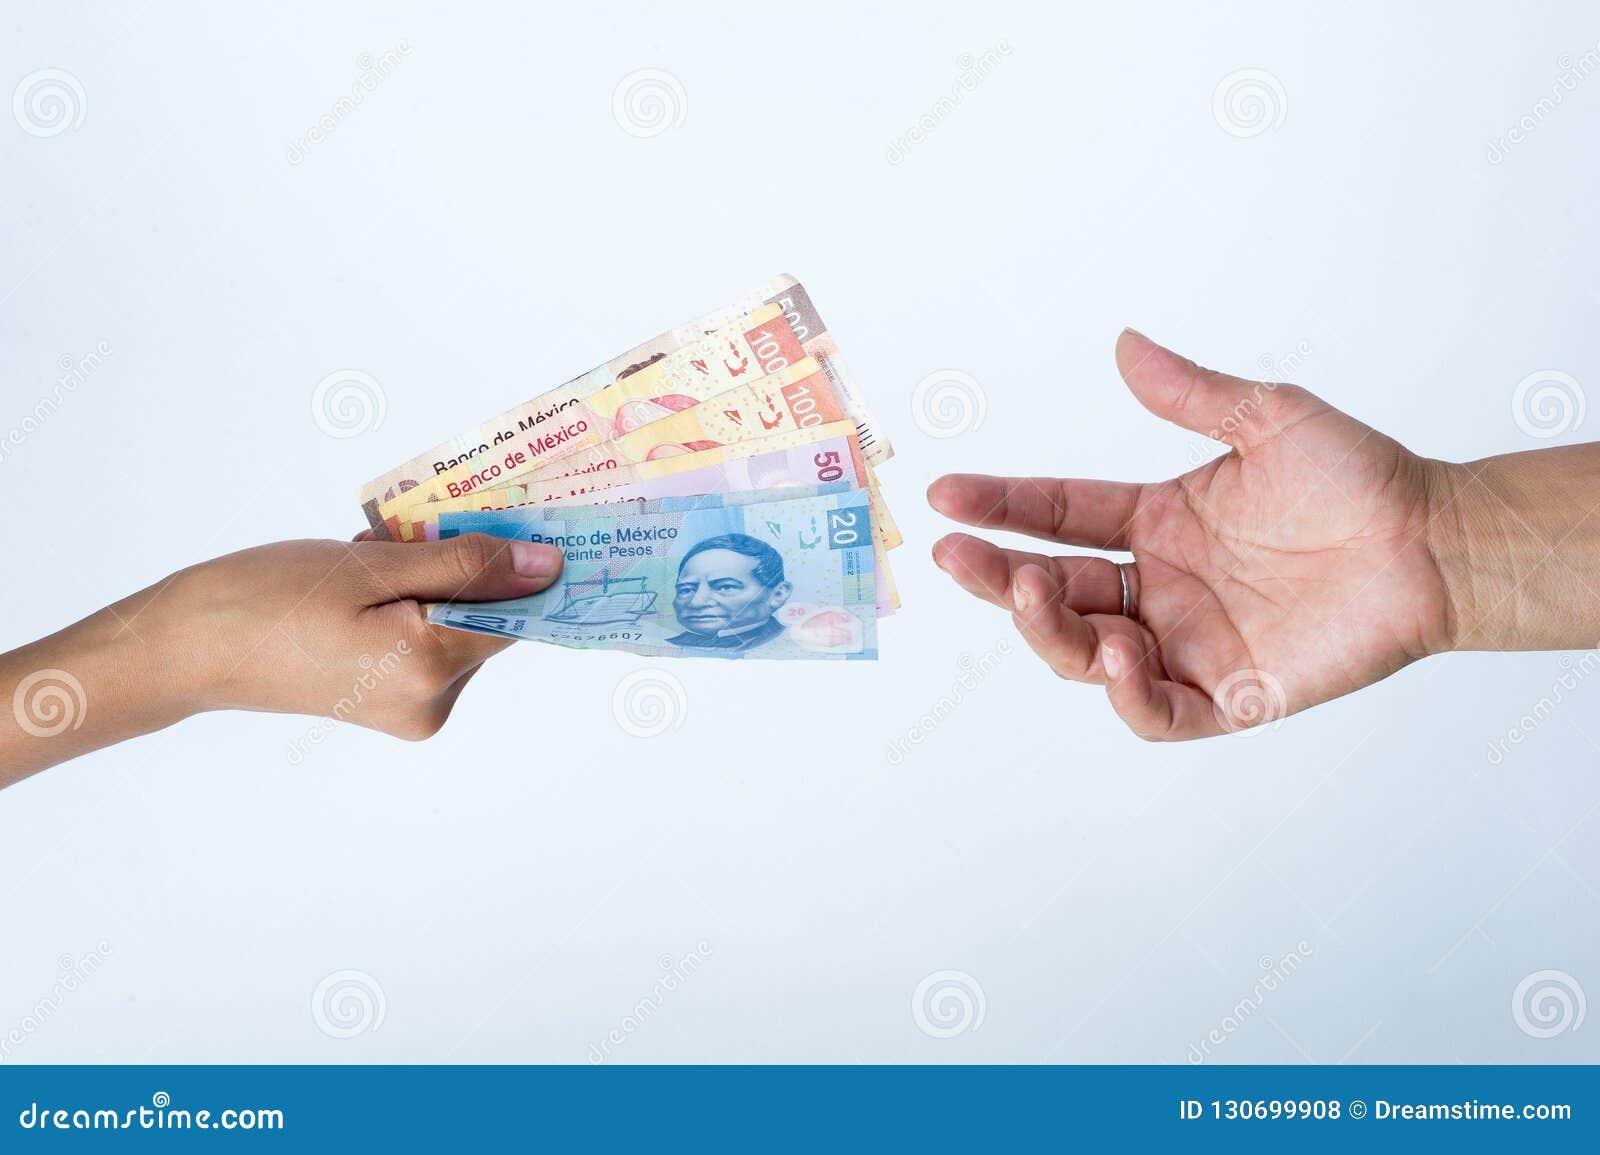 совкомбанк иркутск кредит наличными онлайн заявка